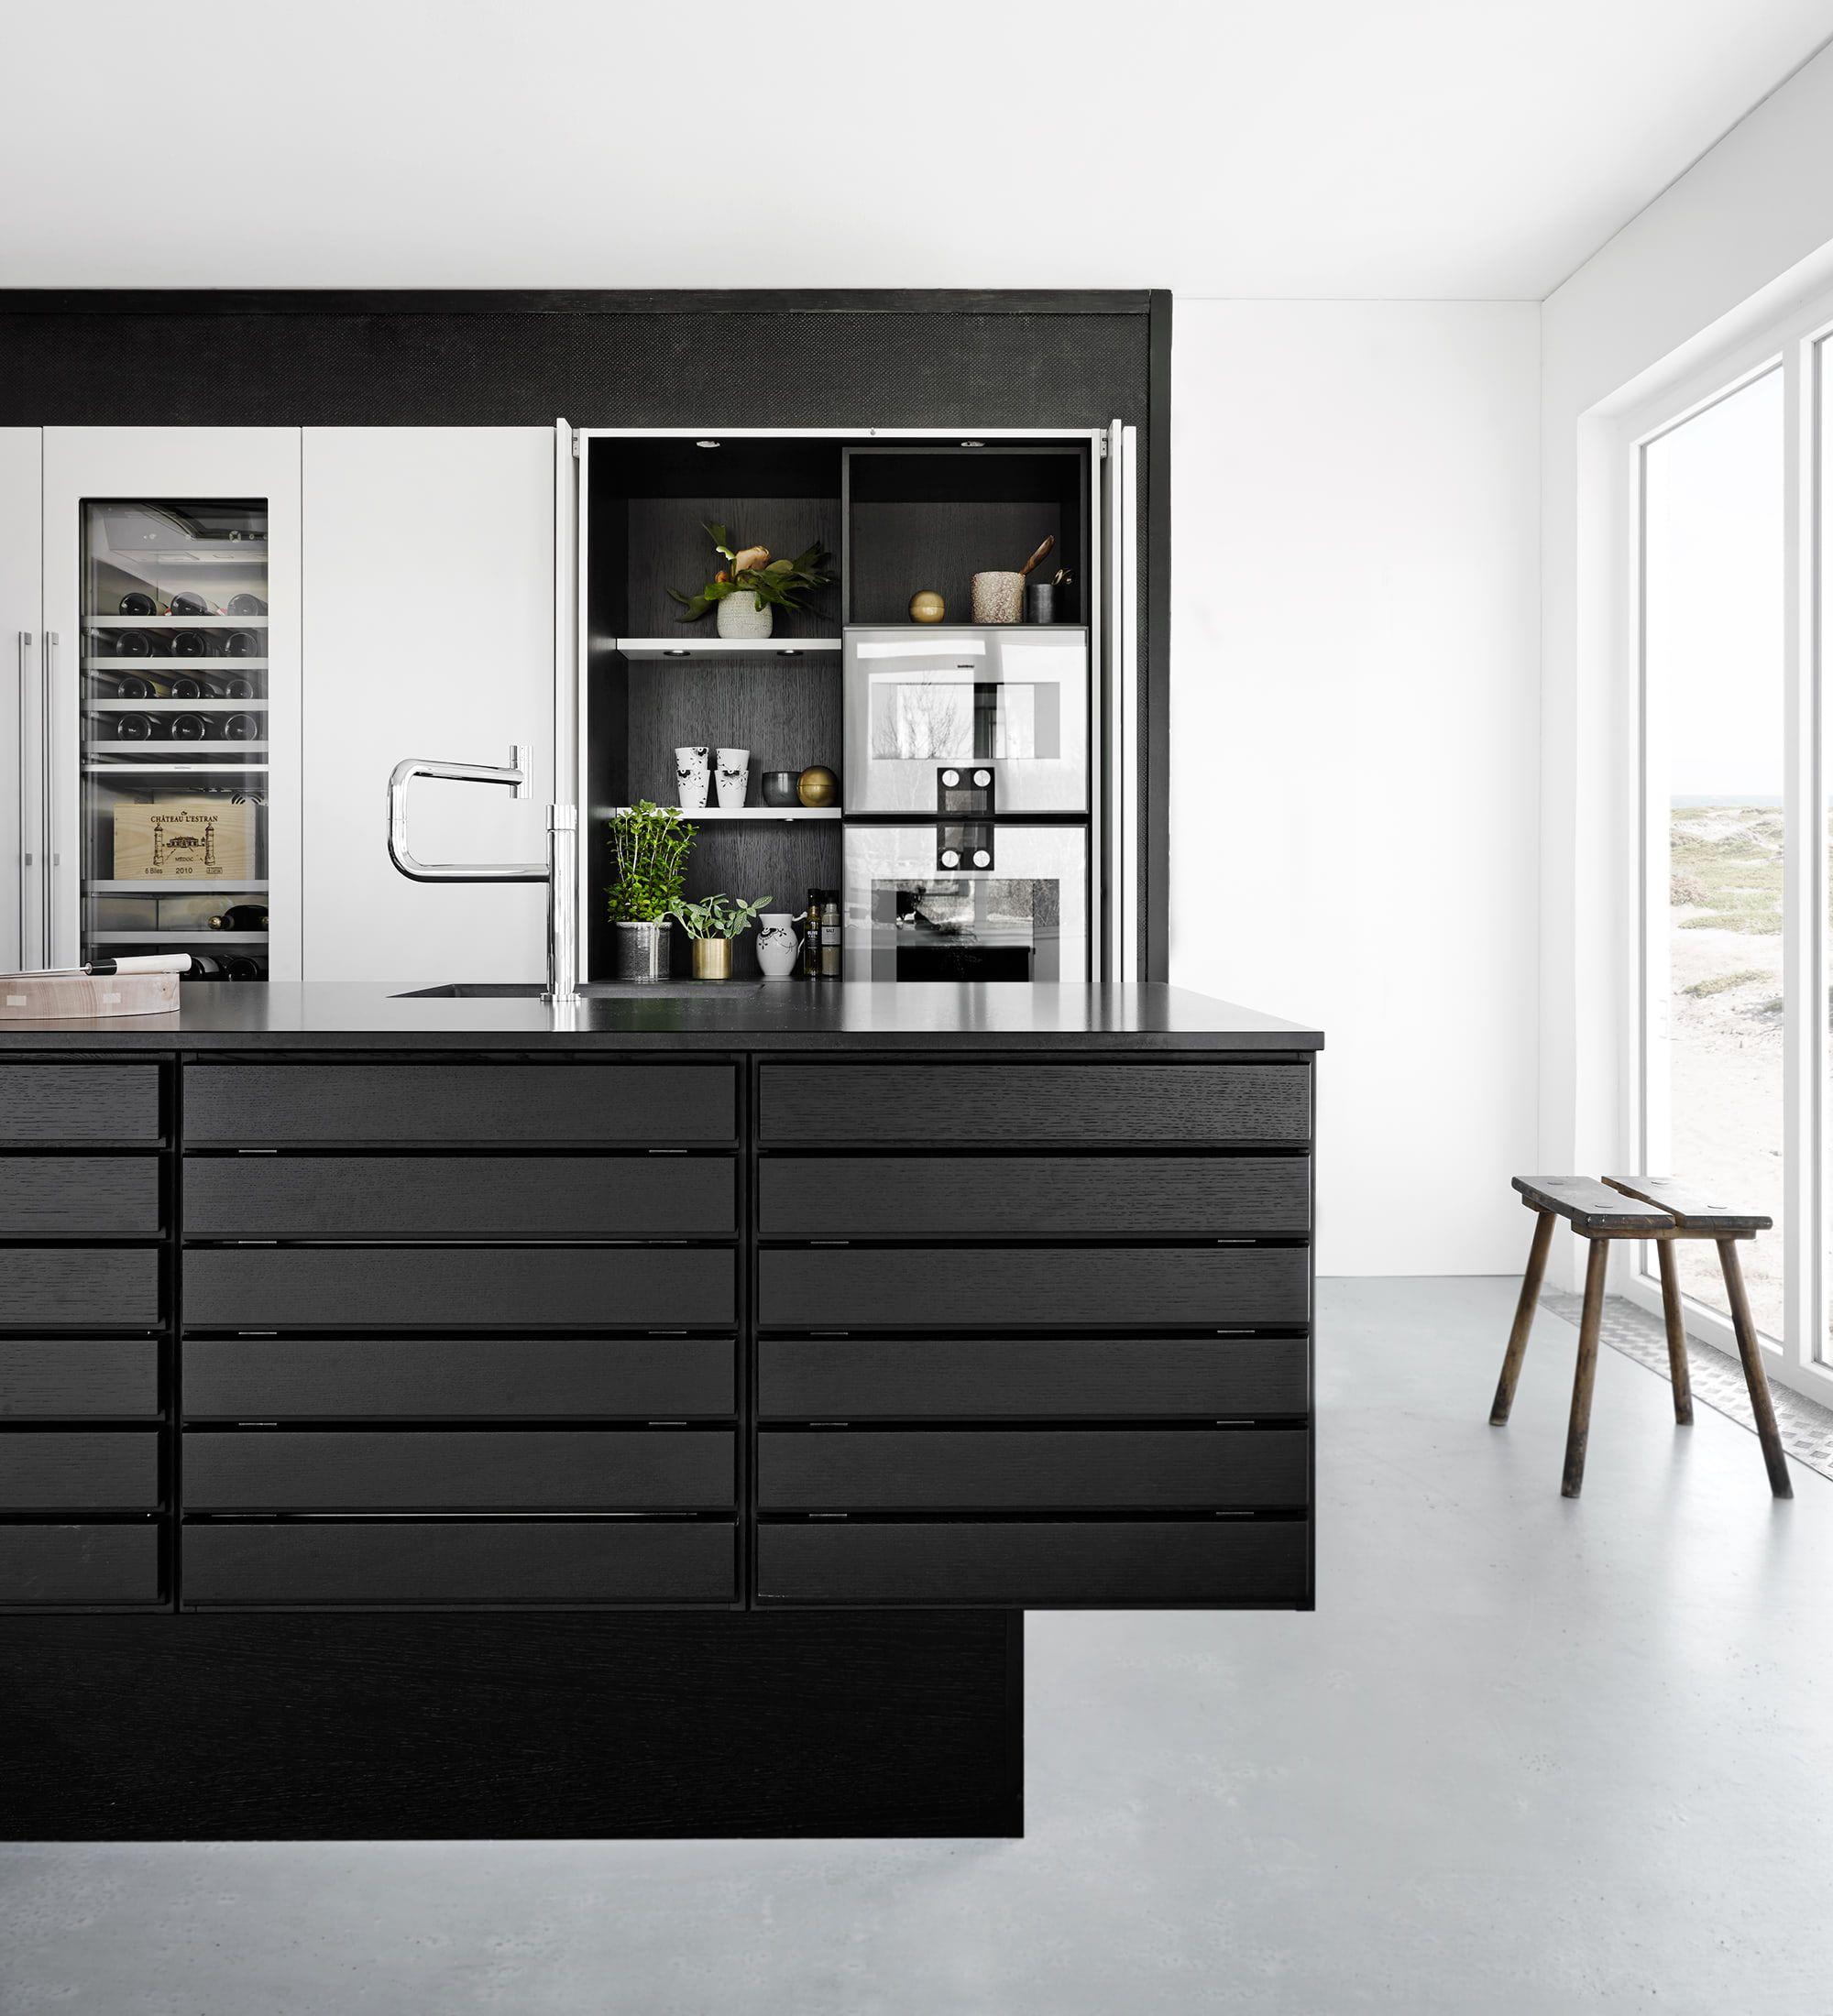 Küchenideen und designs schwarz und matt die schönsten küchenideen und bilder